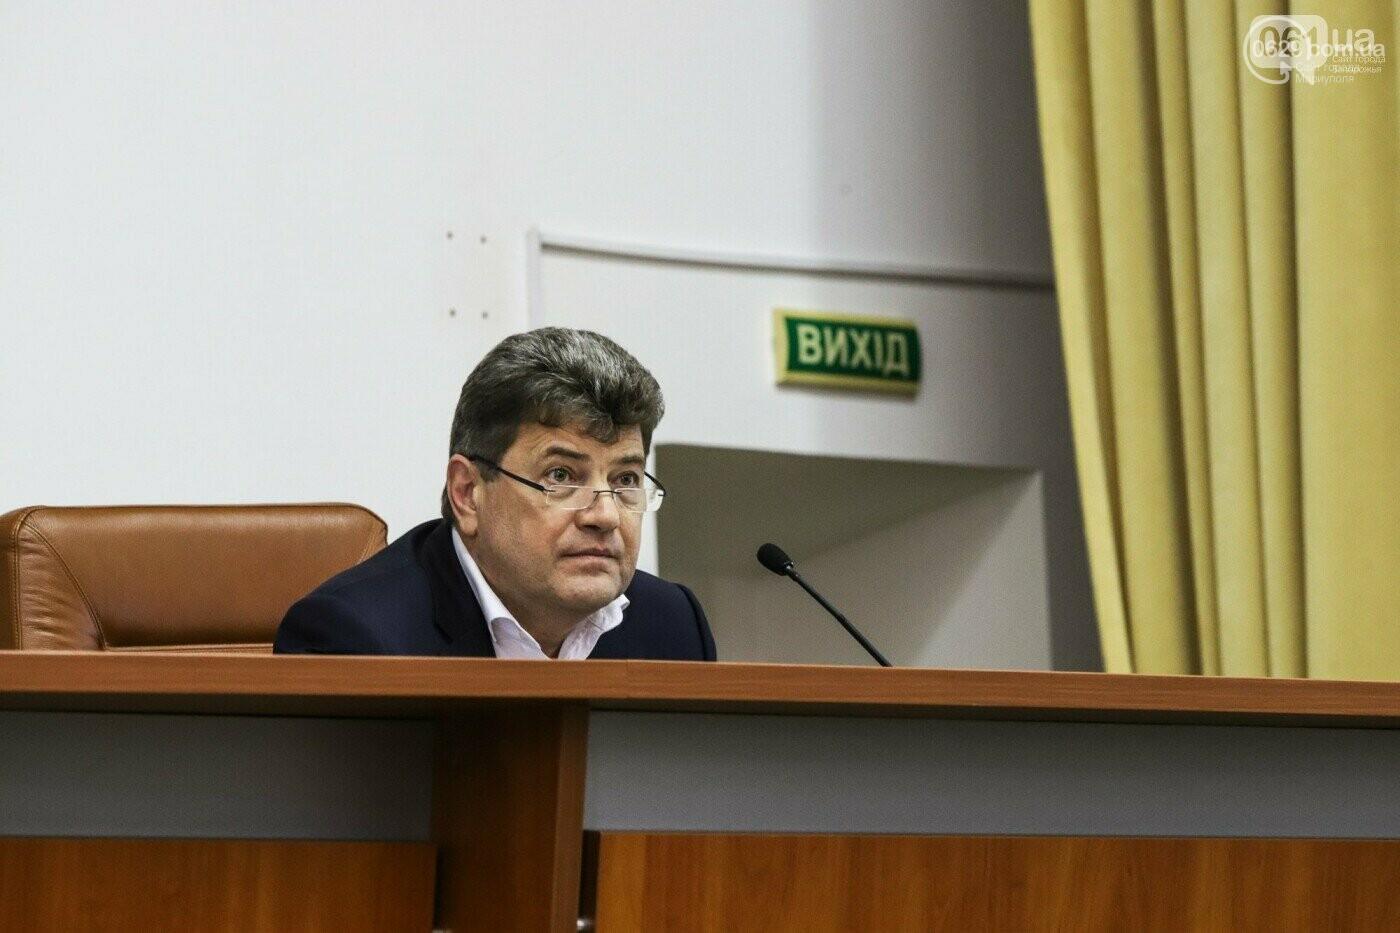 Почему подал в отставку мэр Запорожья, и чего боится мэр Мариуполя, фото-2